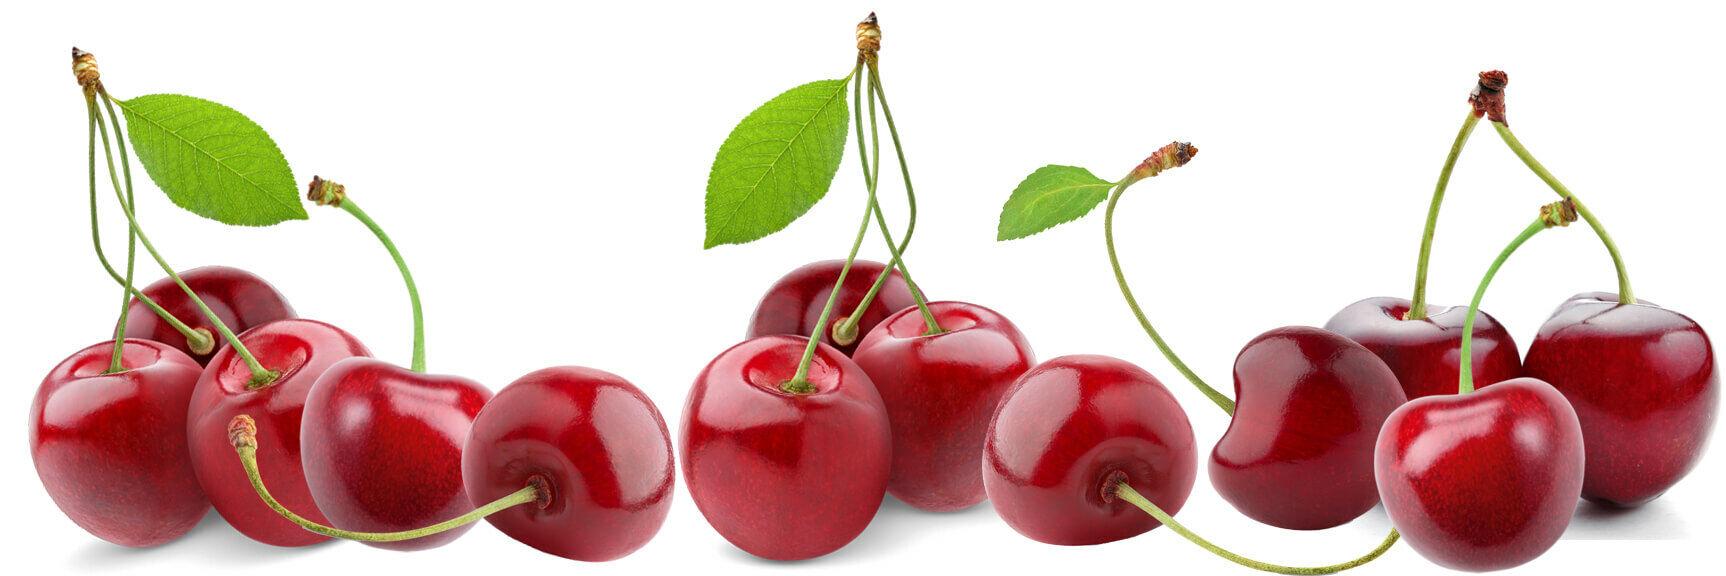 cseresznye rossz a fogyáshoz